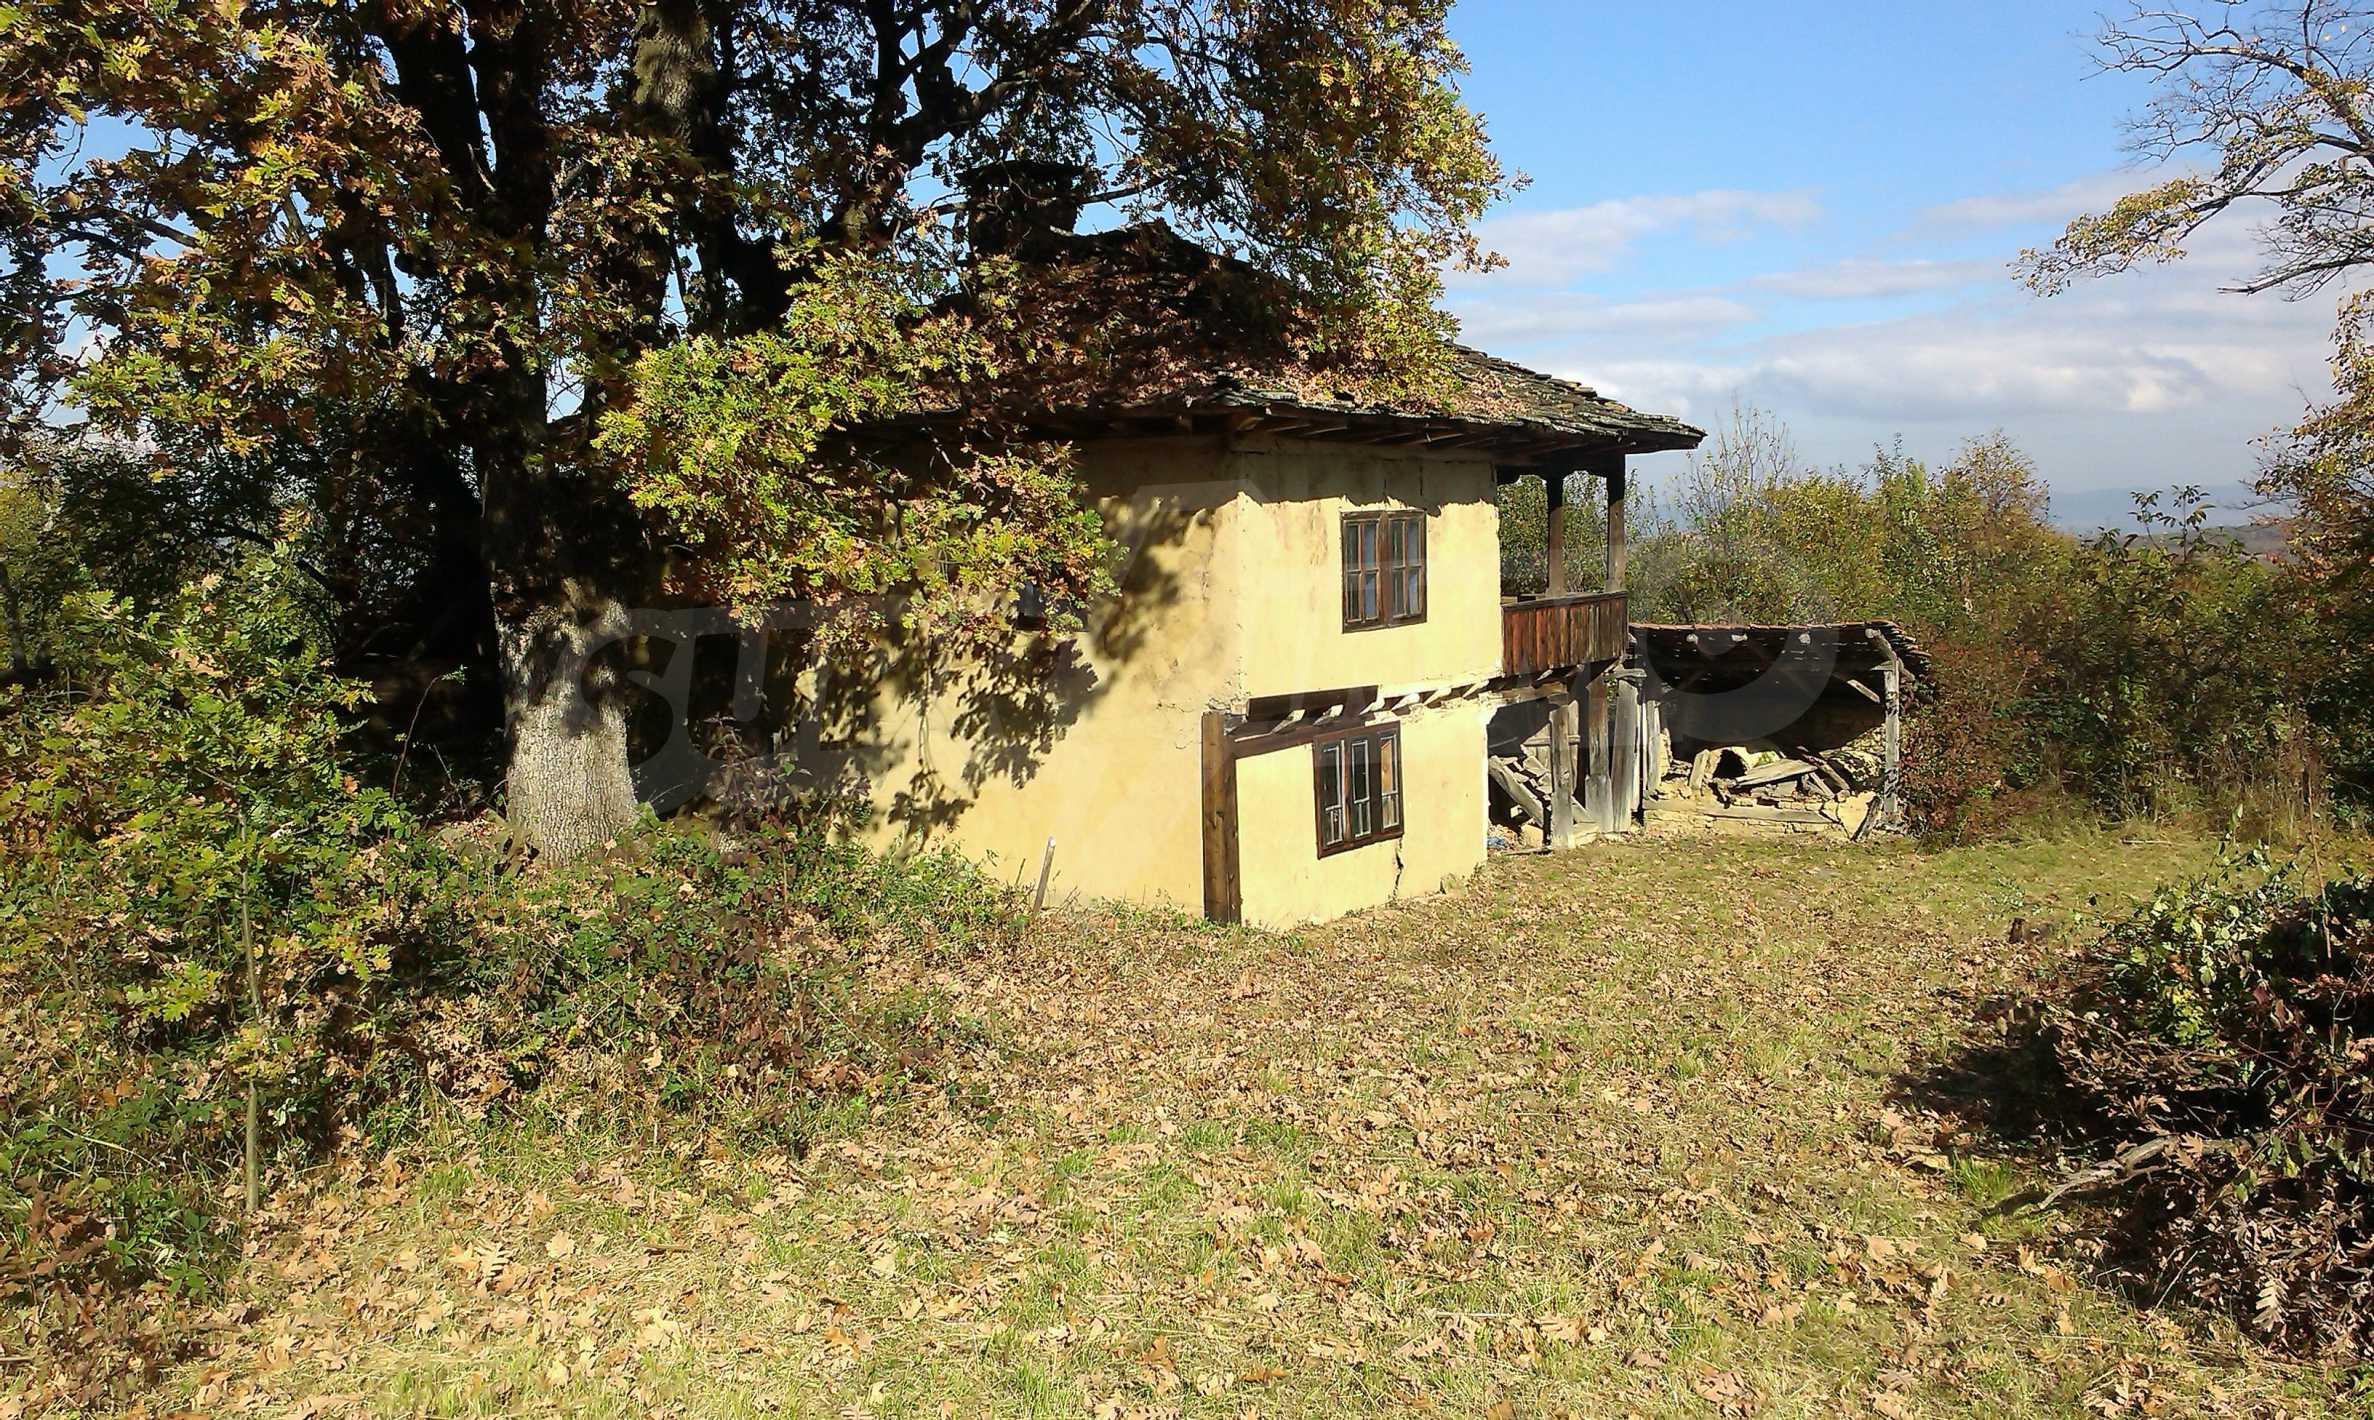 Двуетажна къща в красиво планинско село, до езеро 17